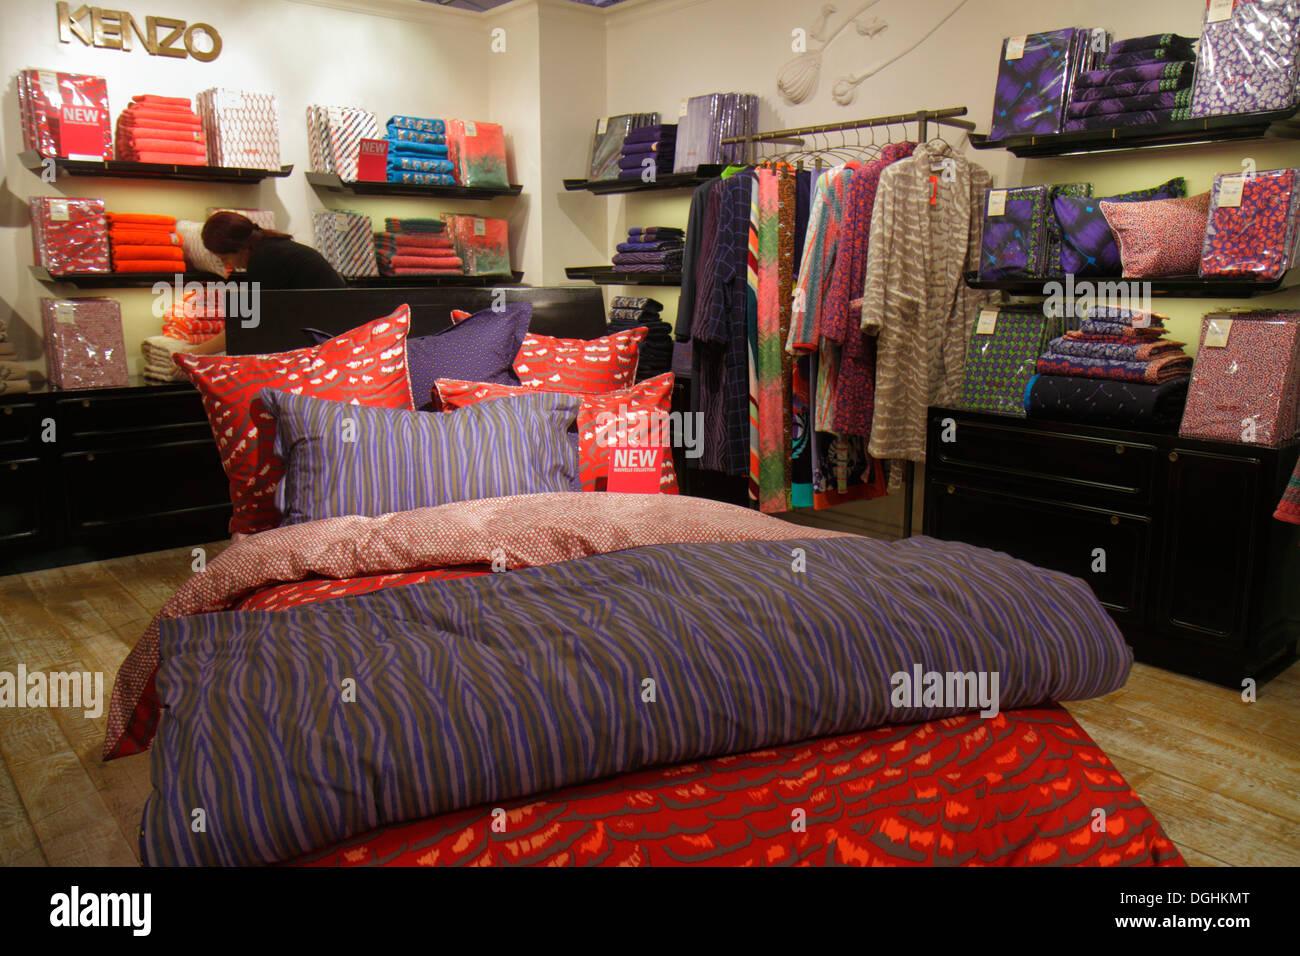 Paris France Europe French 9th arrondissement Boulevard Haussmann Au Printemps department store shopping fashion sale retail dis - Stock Image